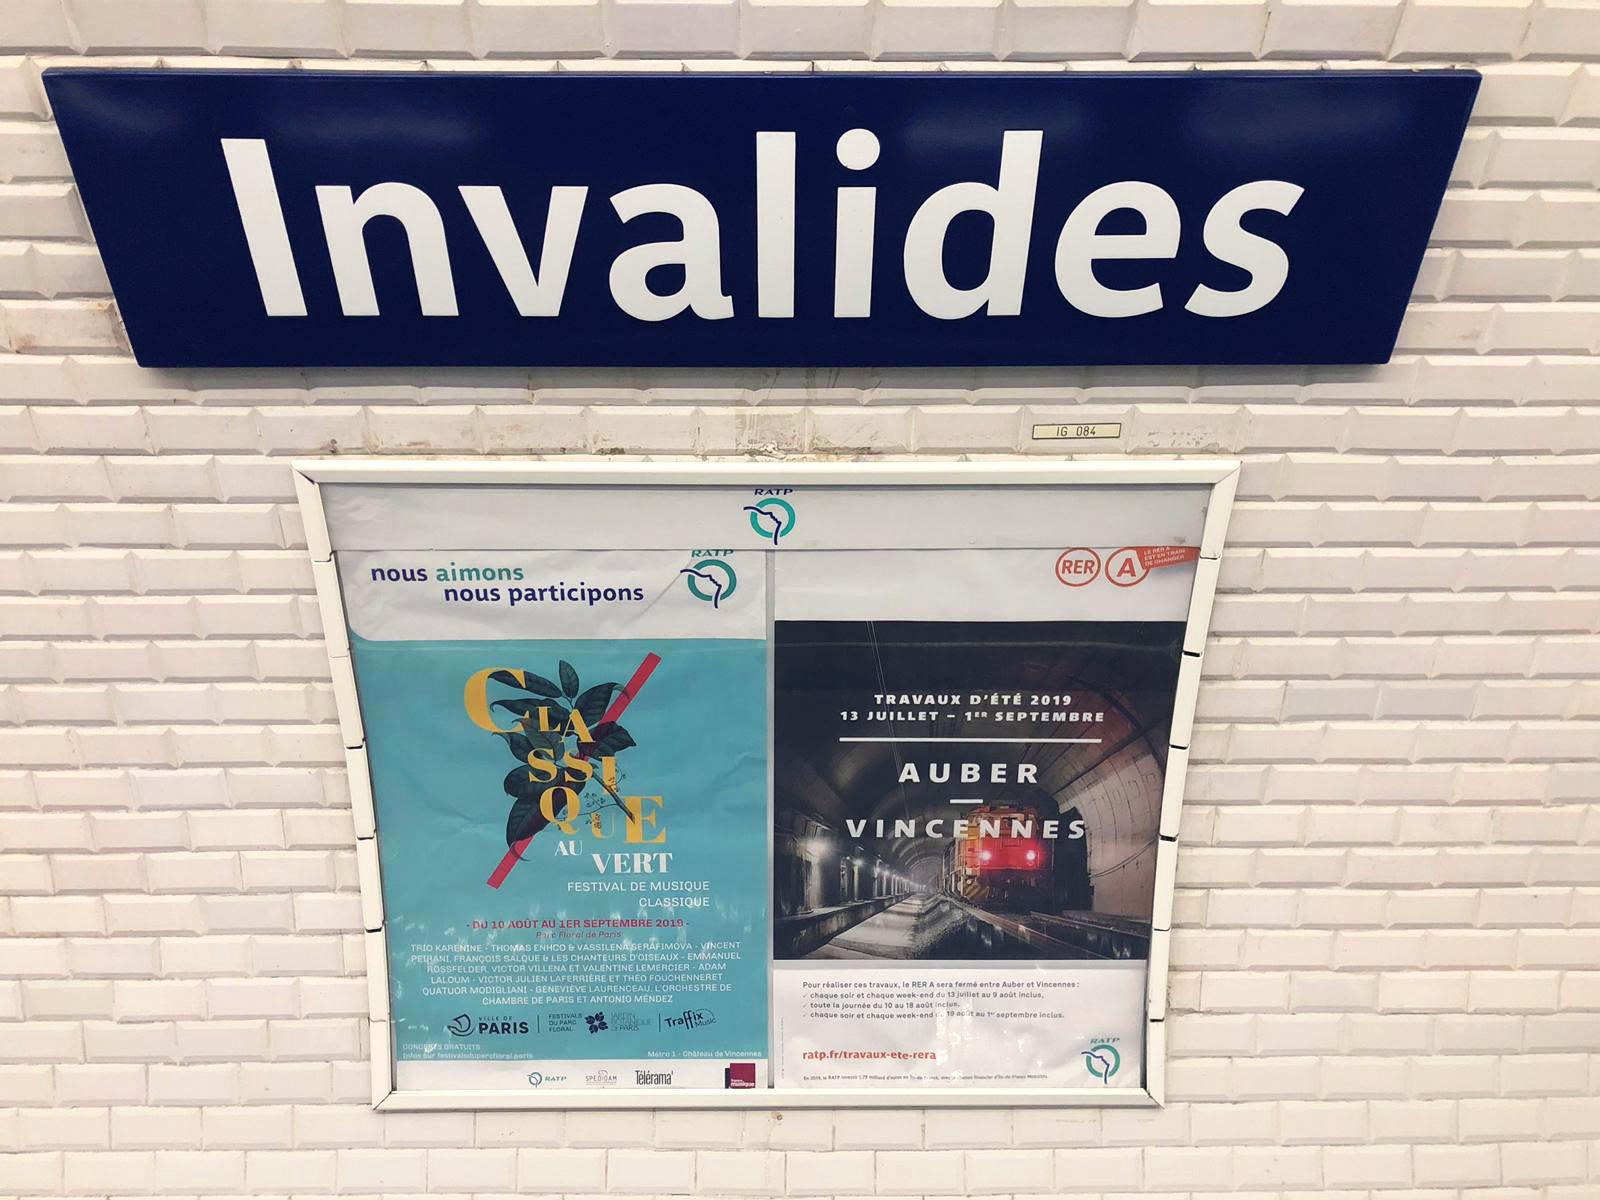 Metro posterb.jpg